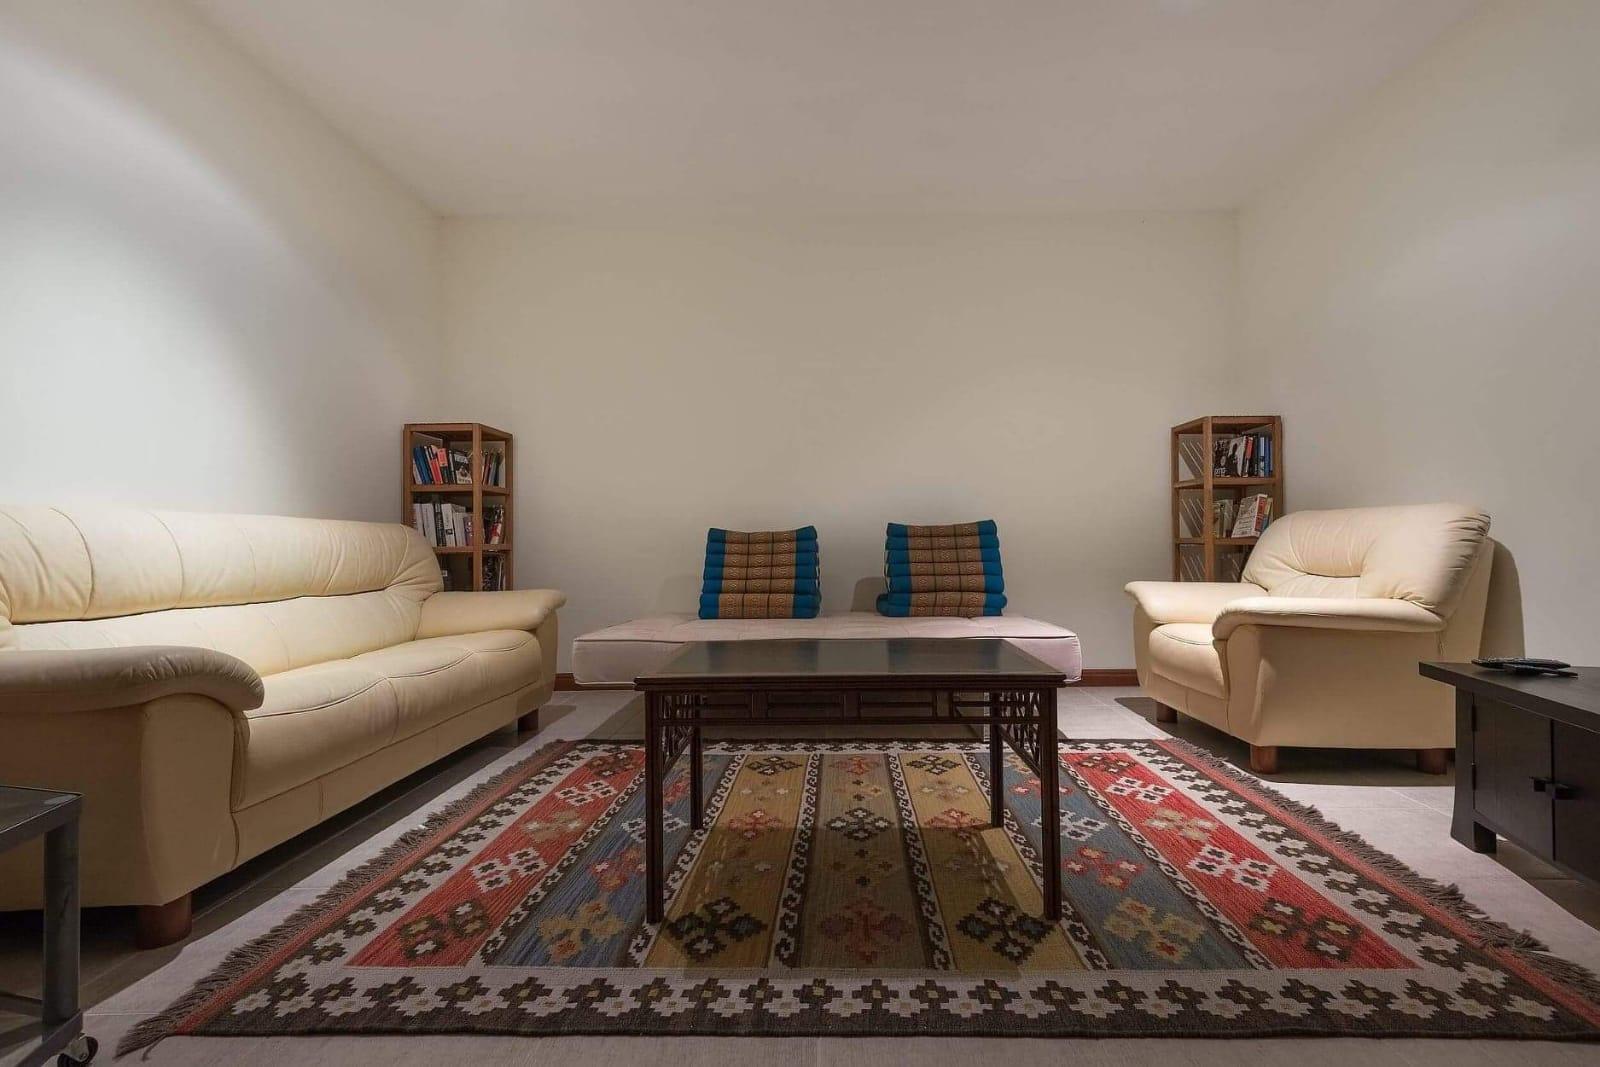 Loch Palm Courtyard 5 Bedrooms-239cea0f-1750-4030-98ac-82def1c970fc.jpg